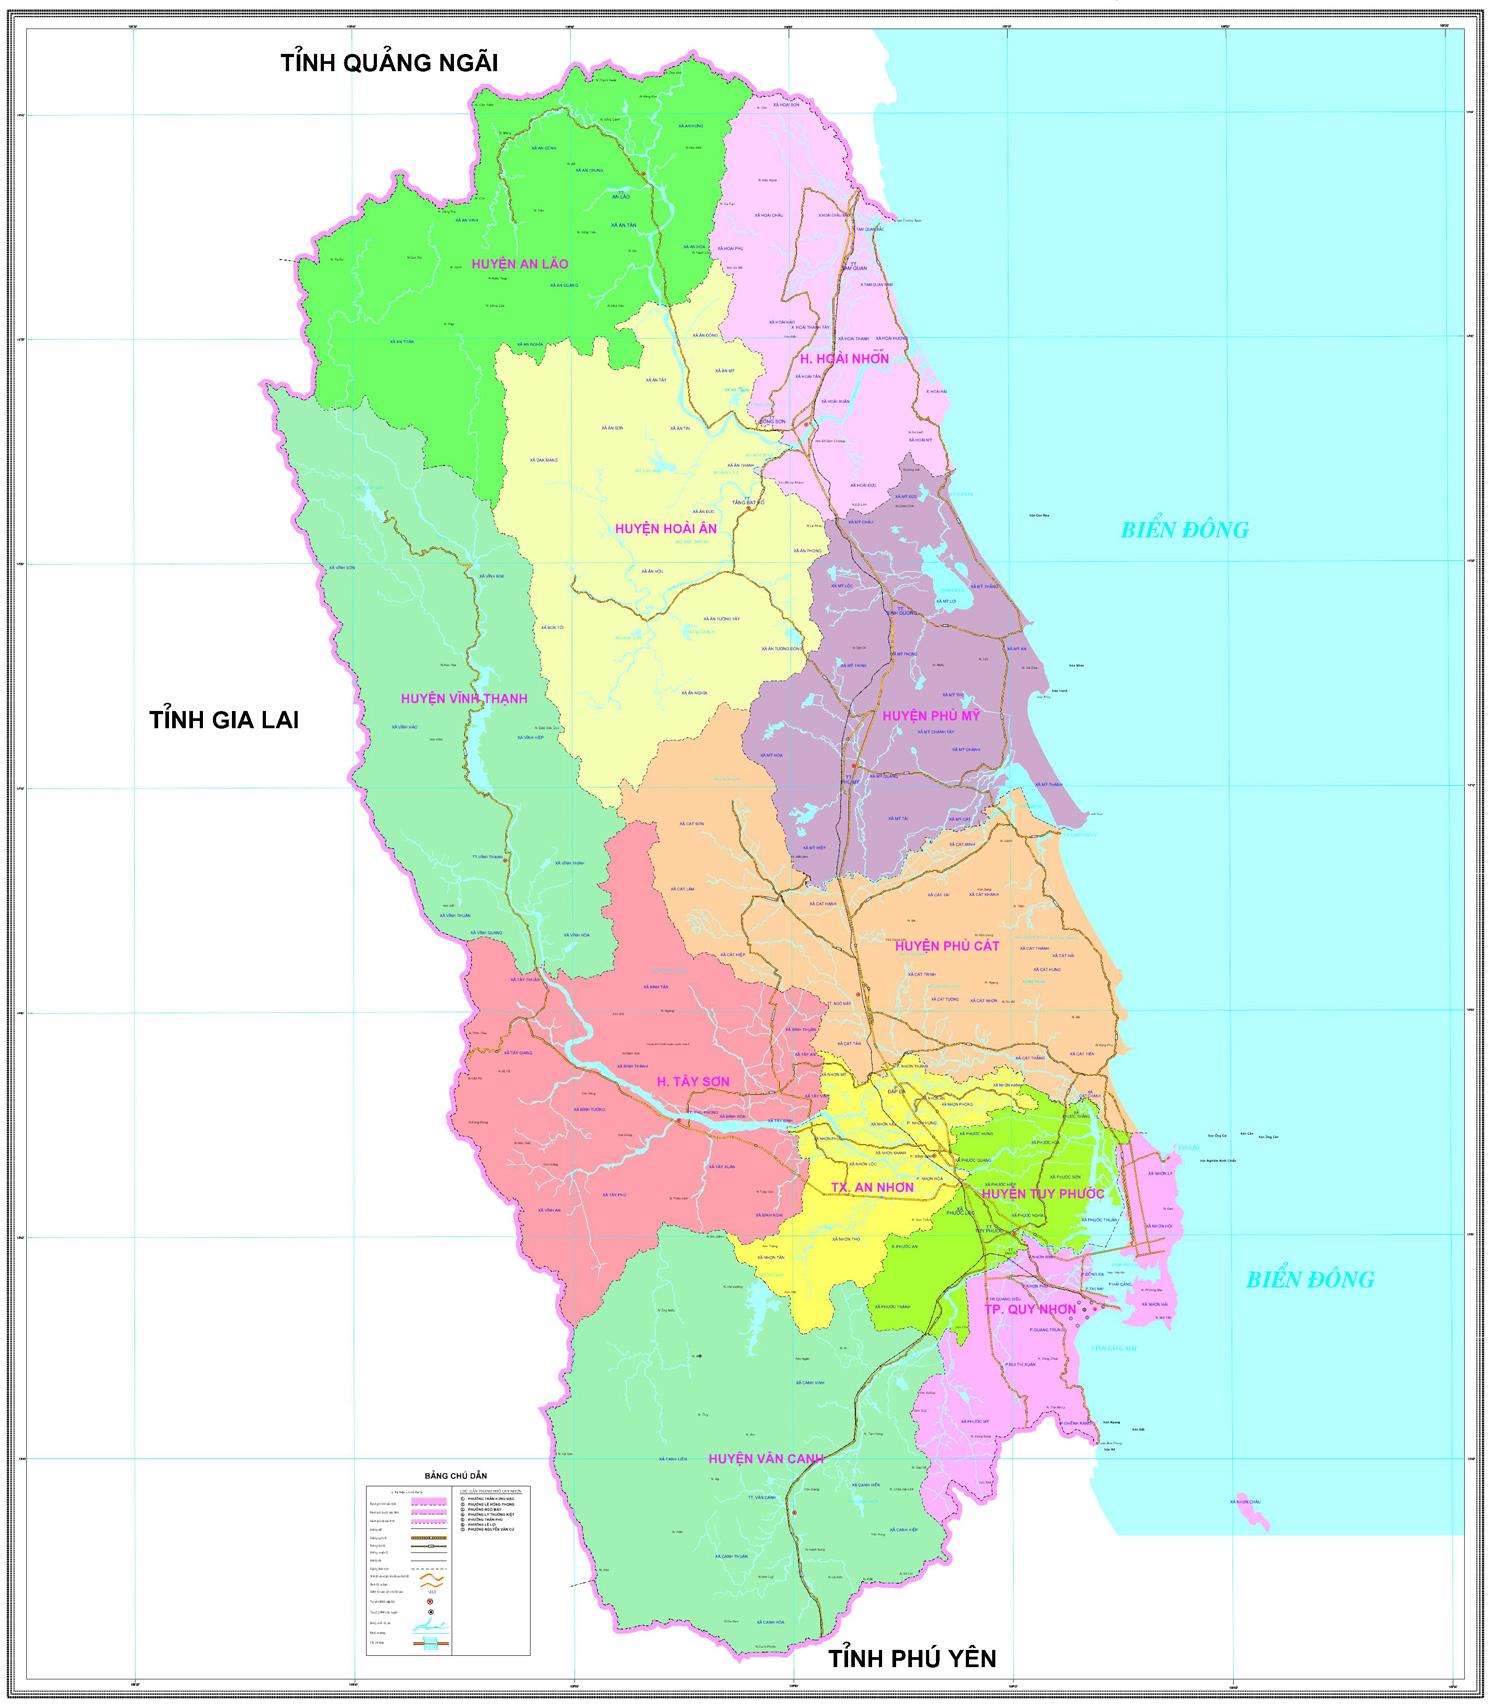 Bảng giá nhà đất Bình Định từ năm 2015 đến 2020